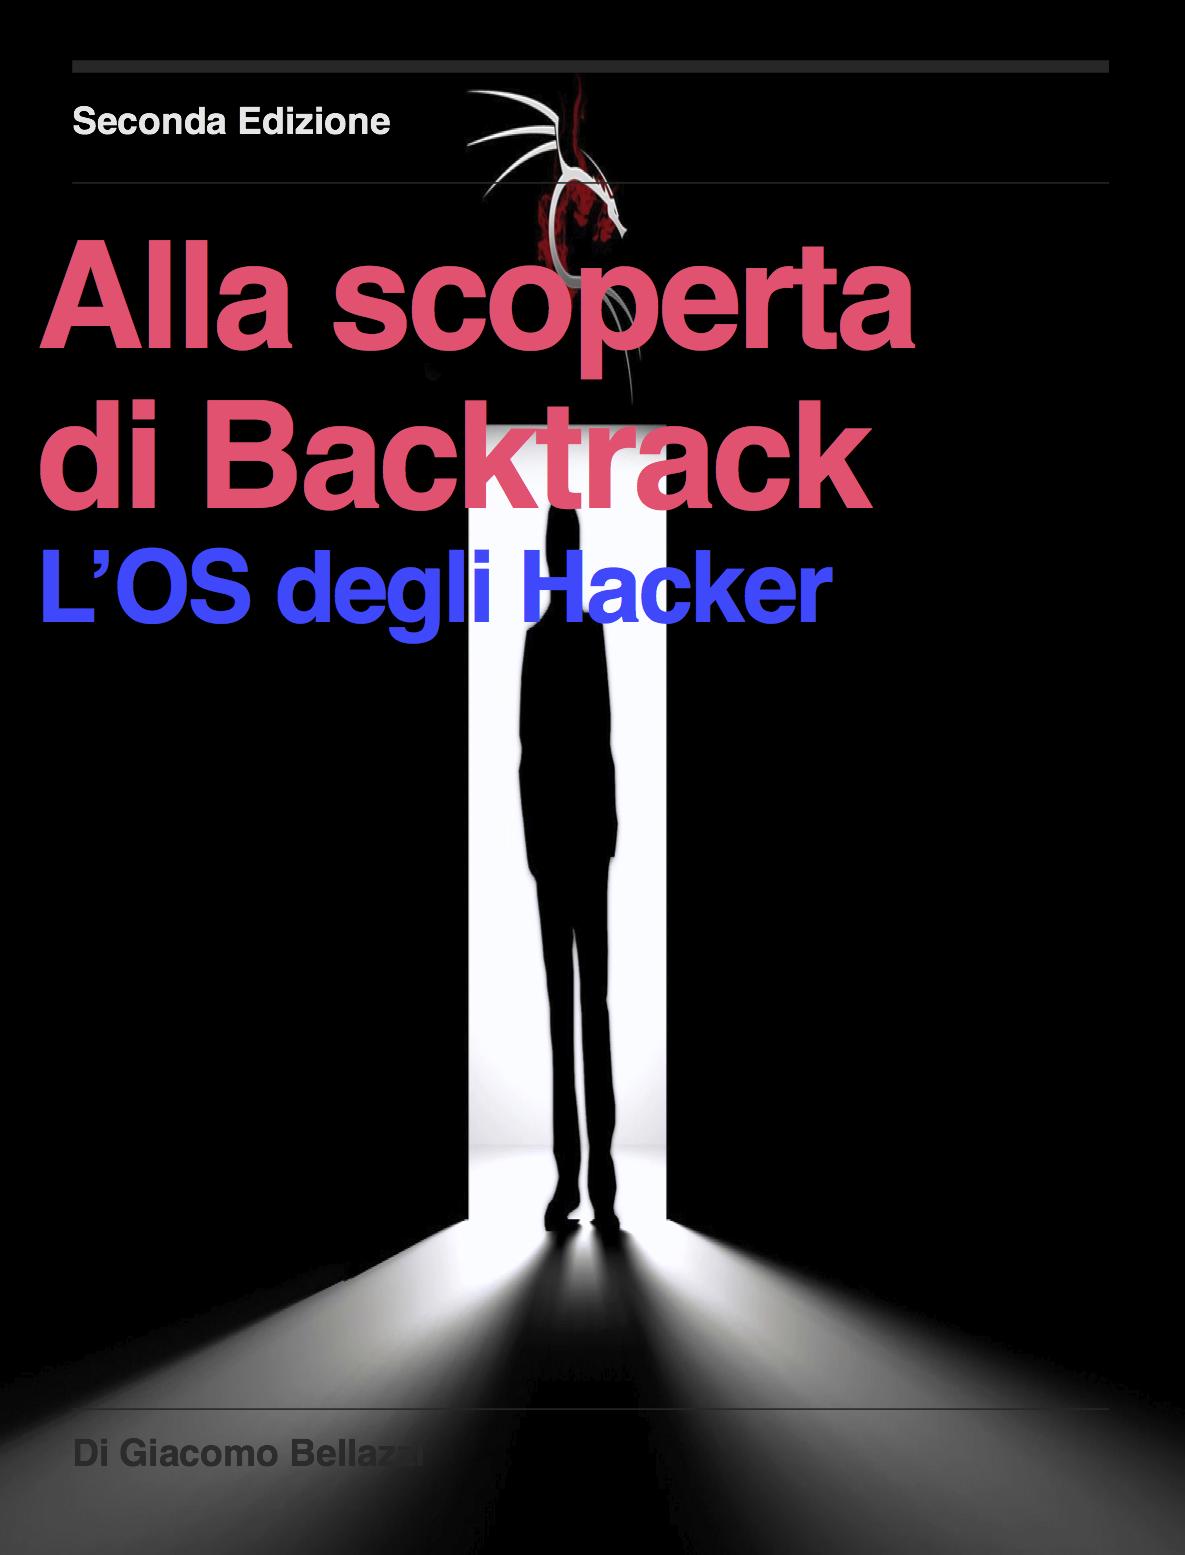 La seconda edizione di Alla Scoperta di Backtrack è disponibile su iBooks